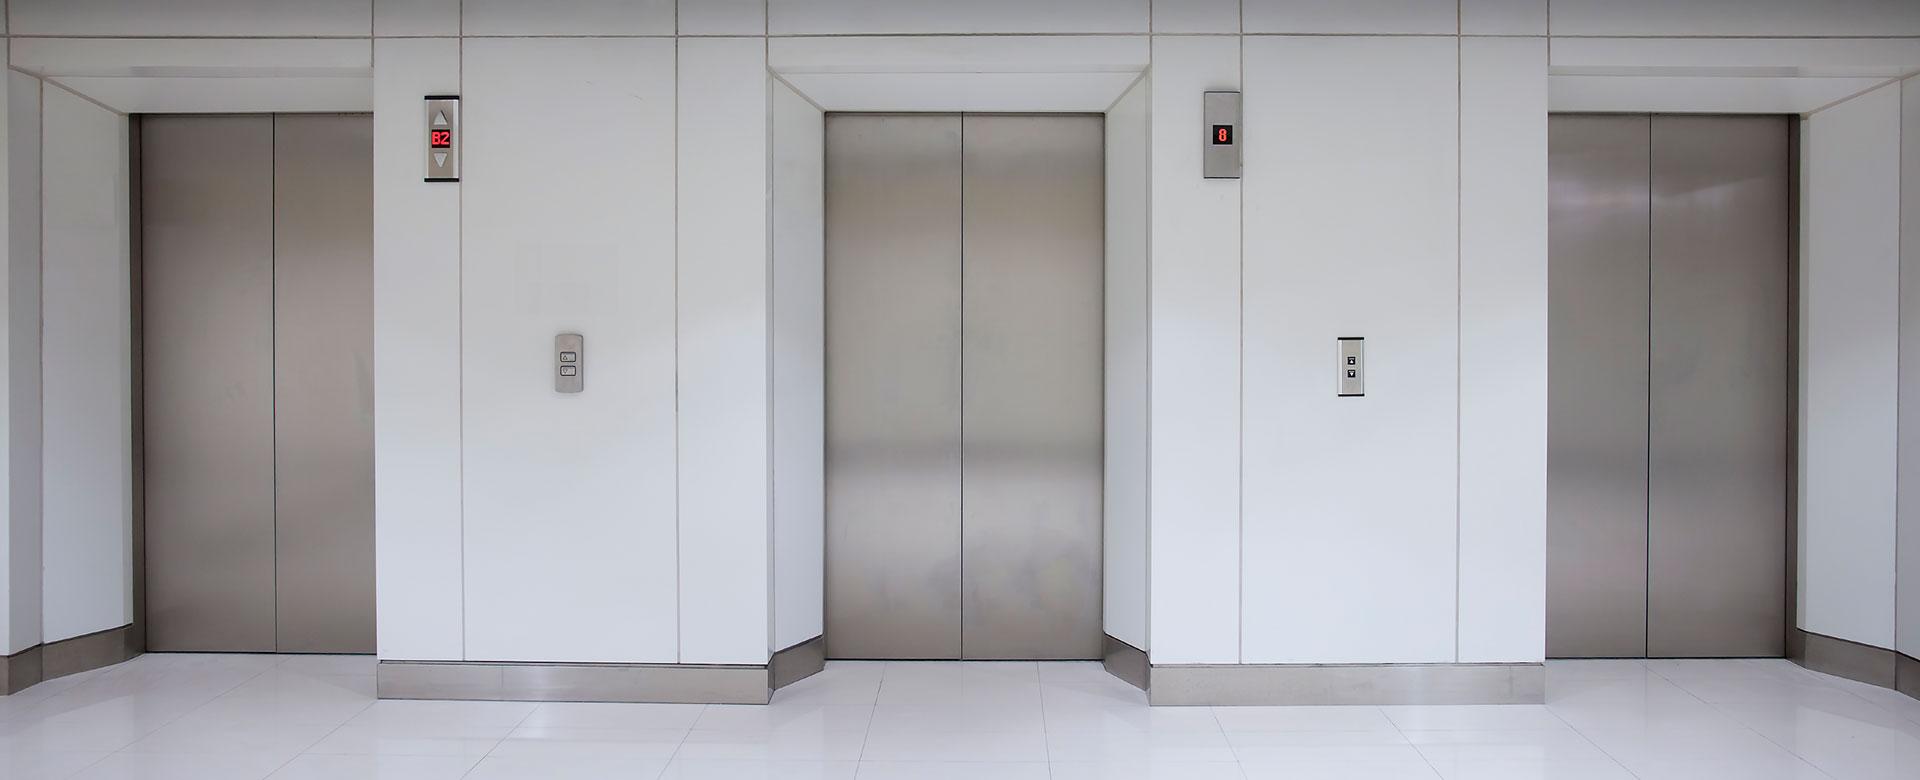 ανελκυστήρες-ηράκλειο